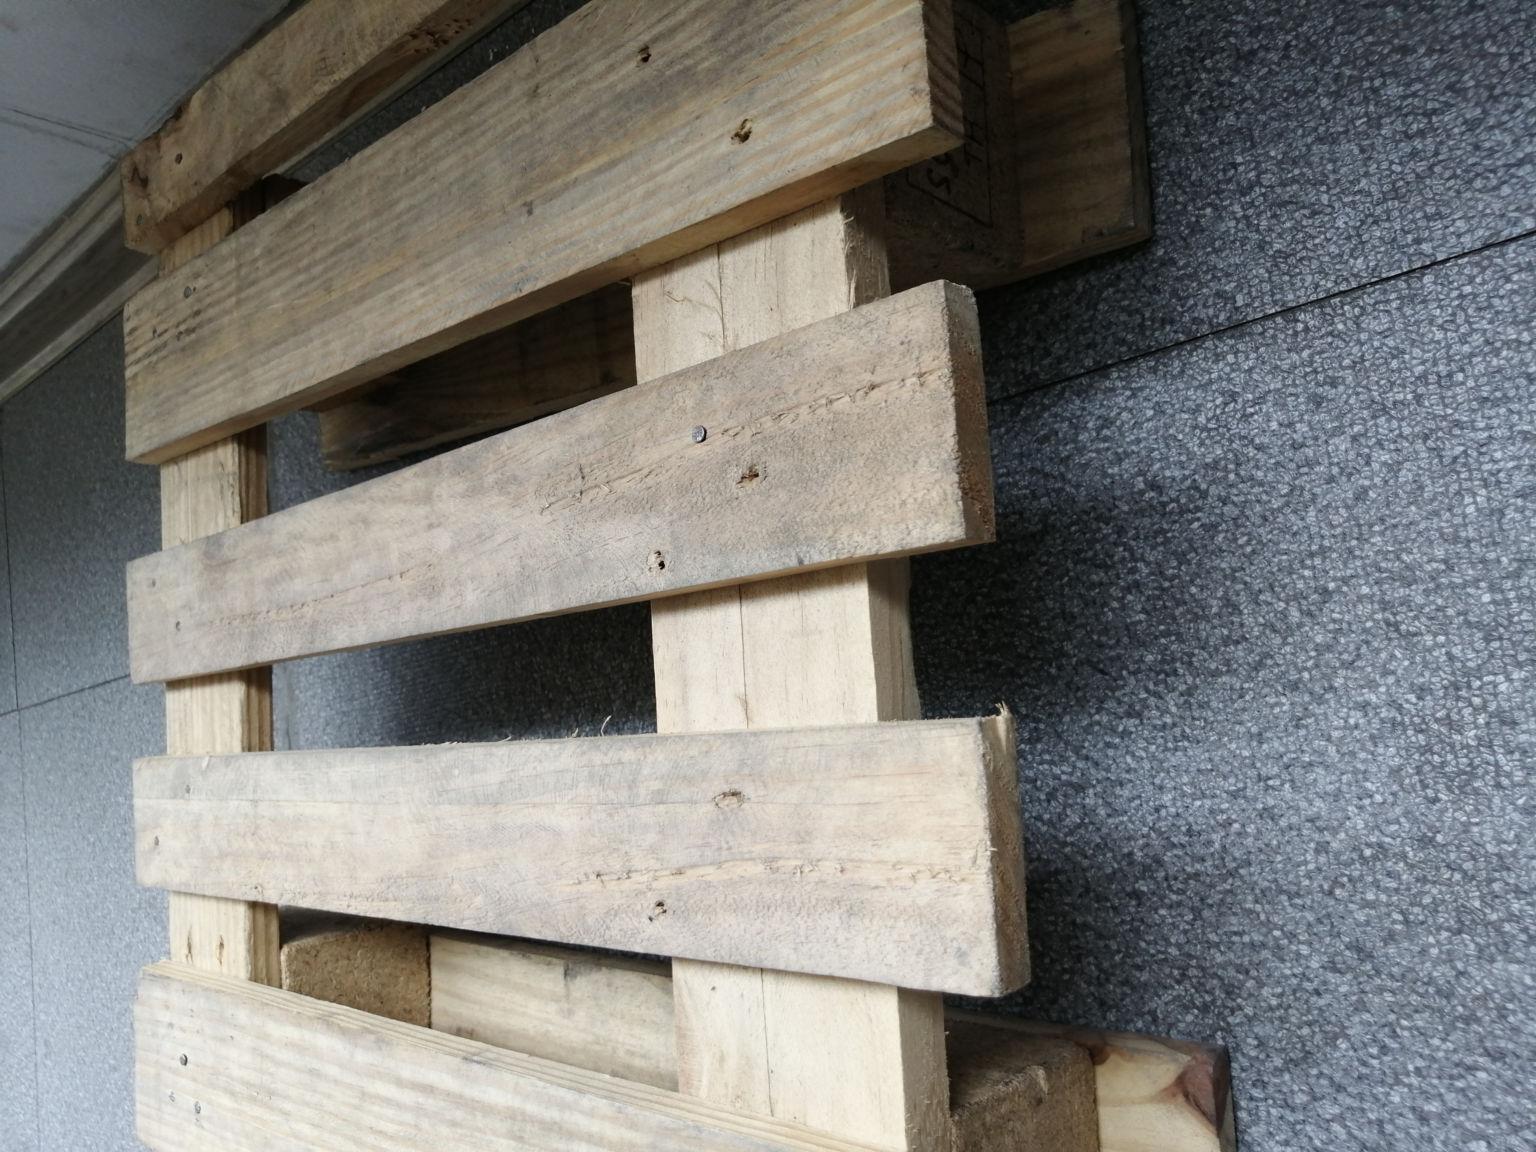 马鞍山胶合板木托盘批发采购中心今天合�,➤ℙ♜的托盘木托盘